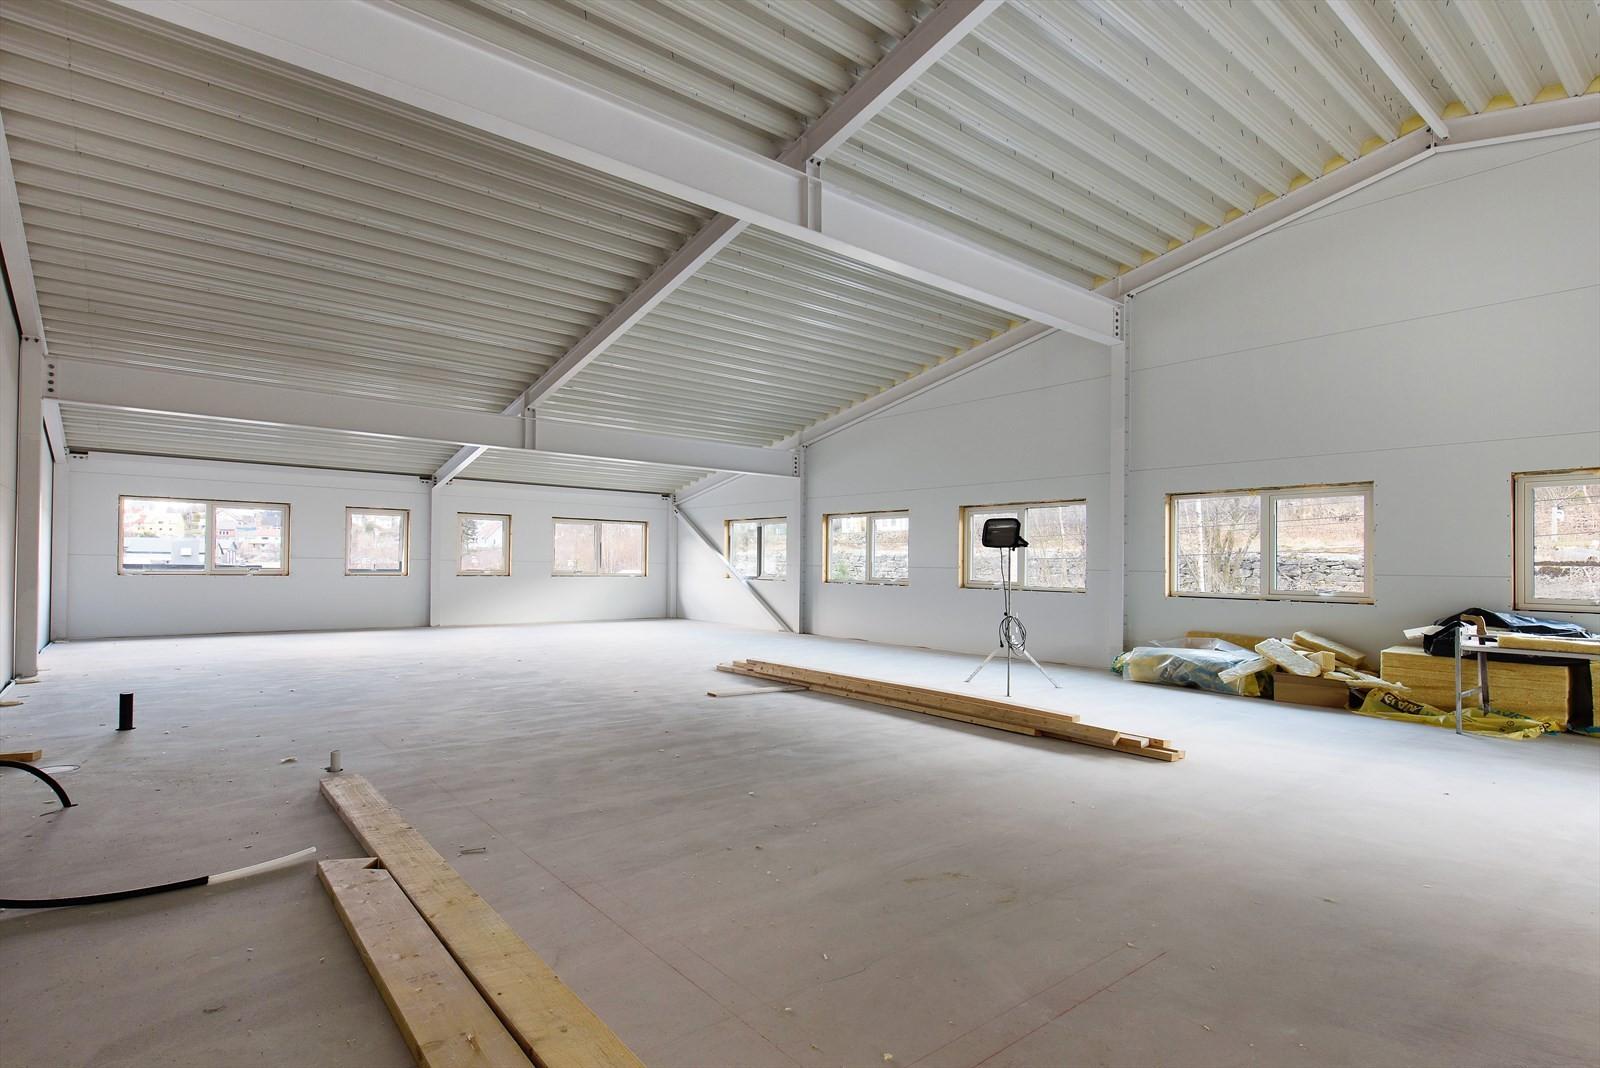 I byggets 2. etasje er det luftige og lyse lokaler som venter på nye leietakere.